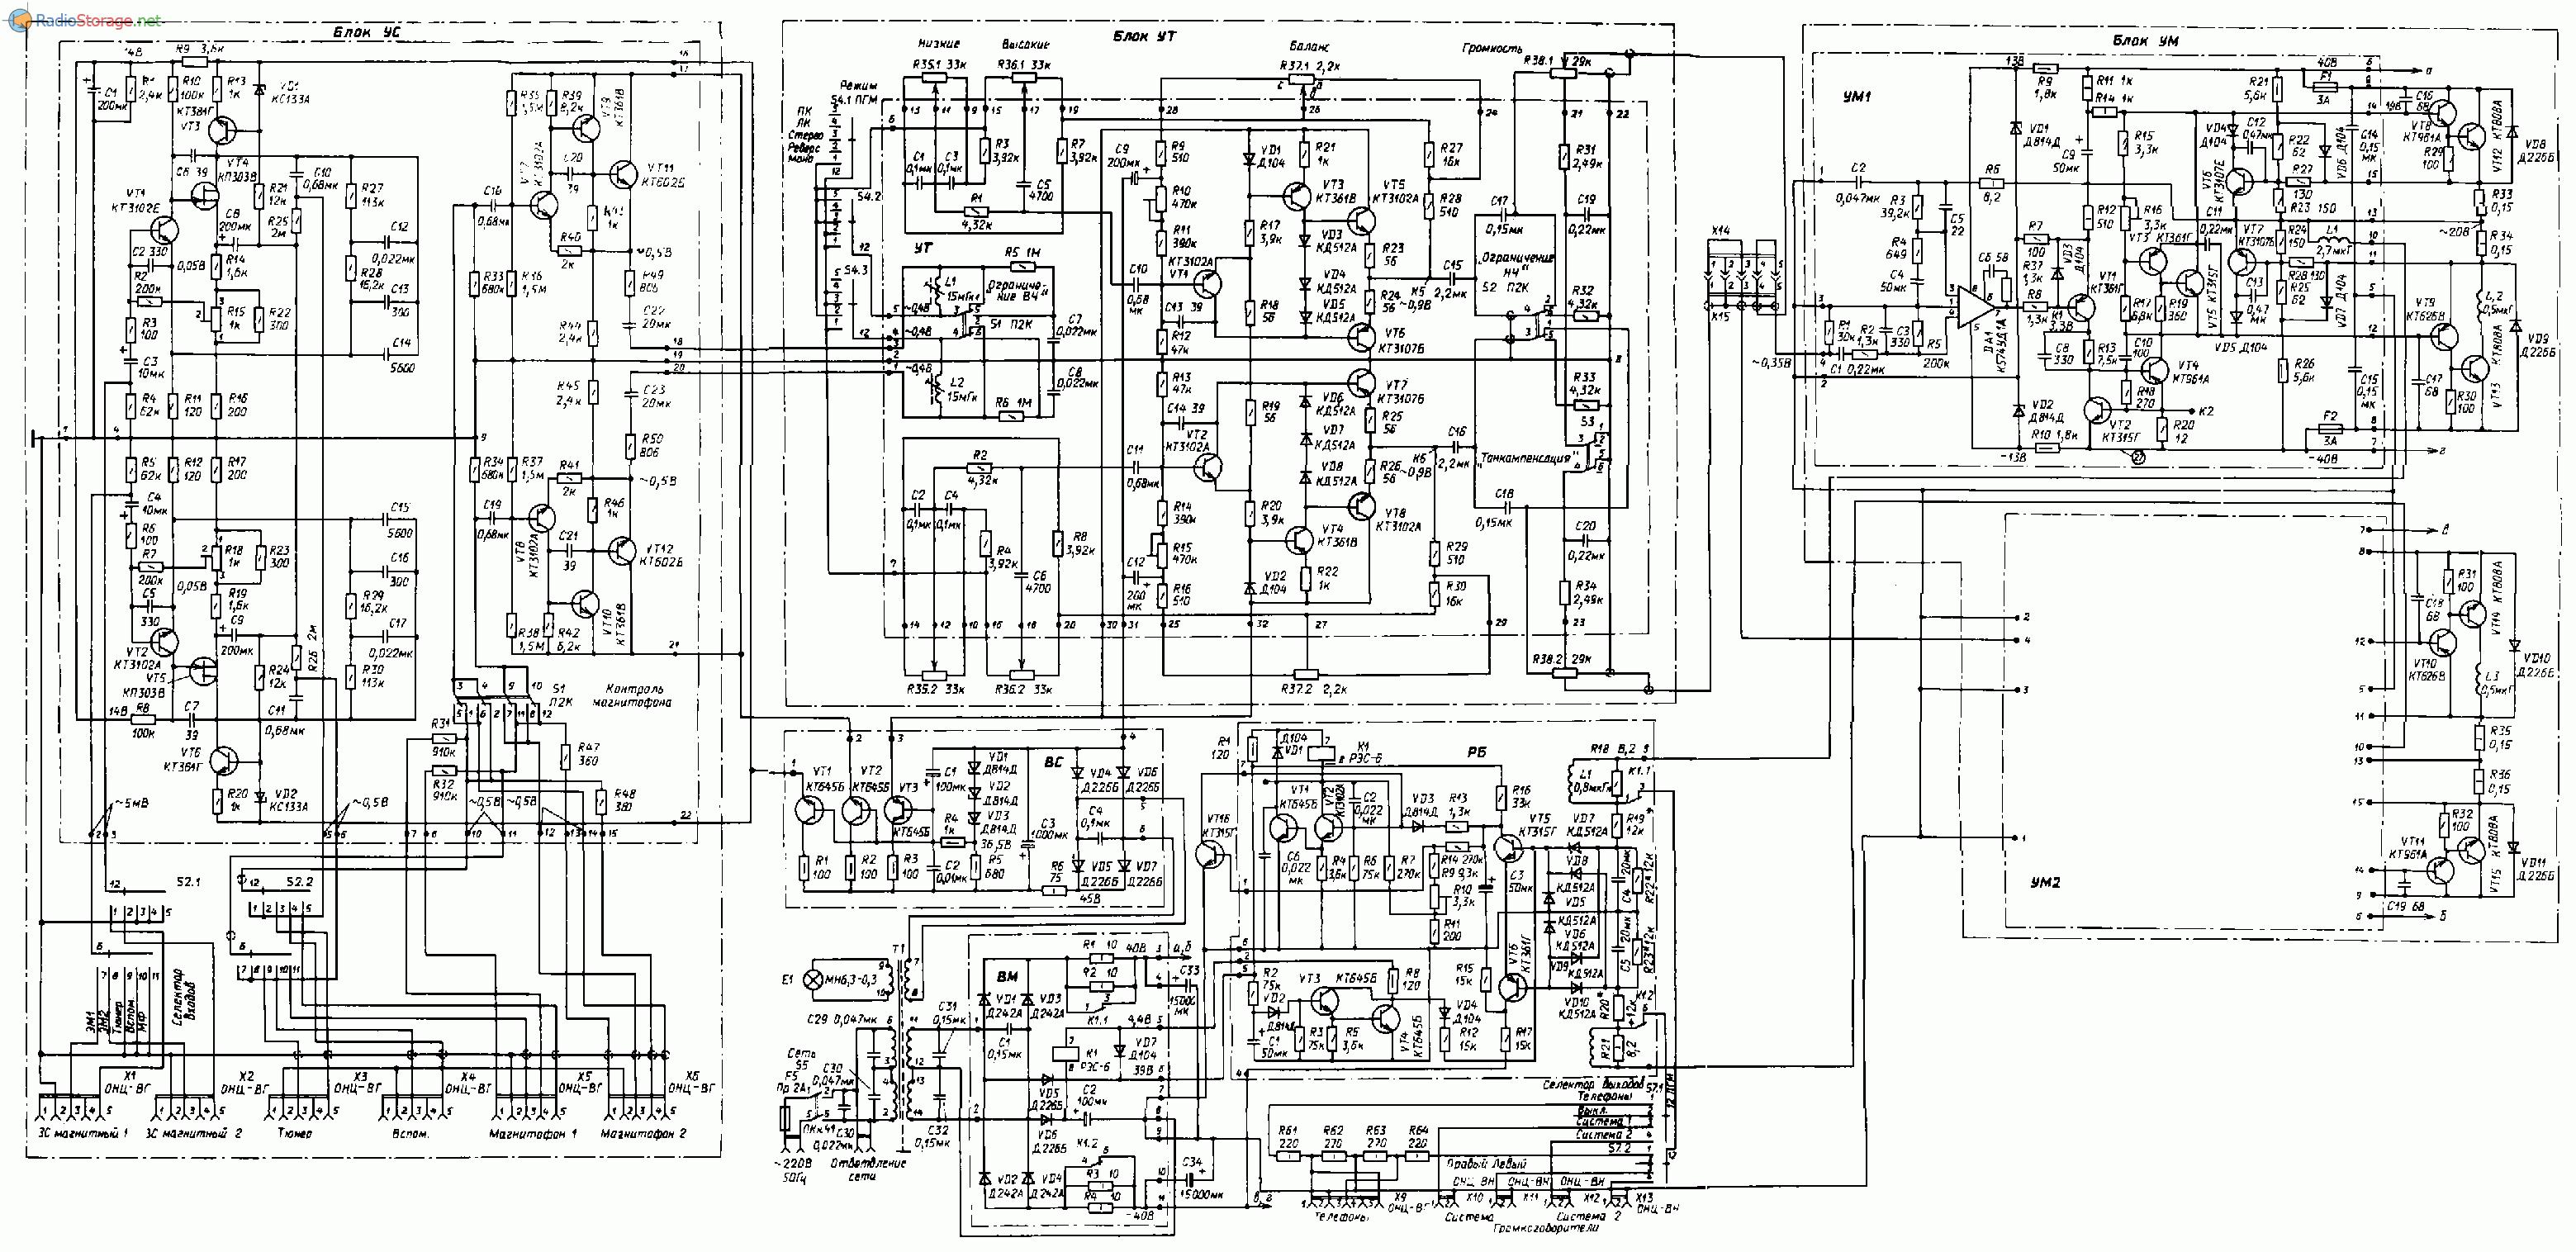 Барк 001 стерео схемы